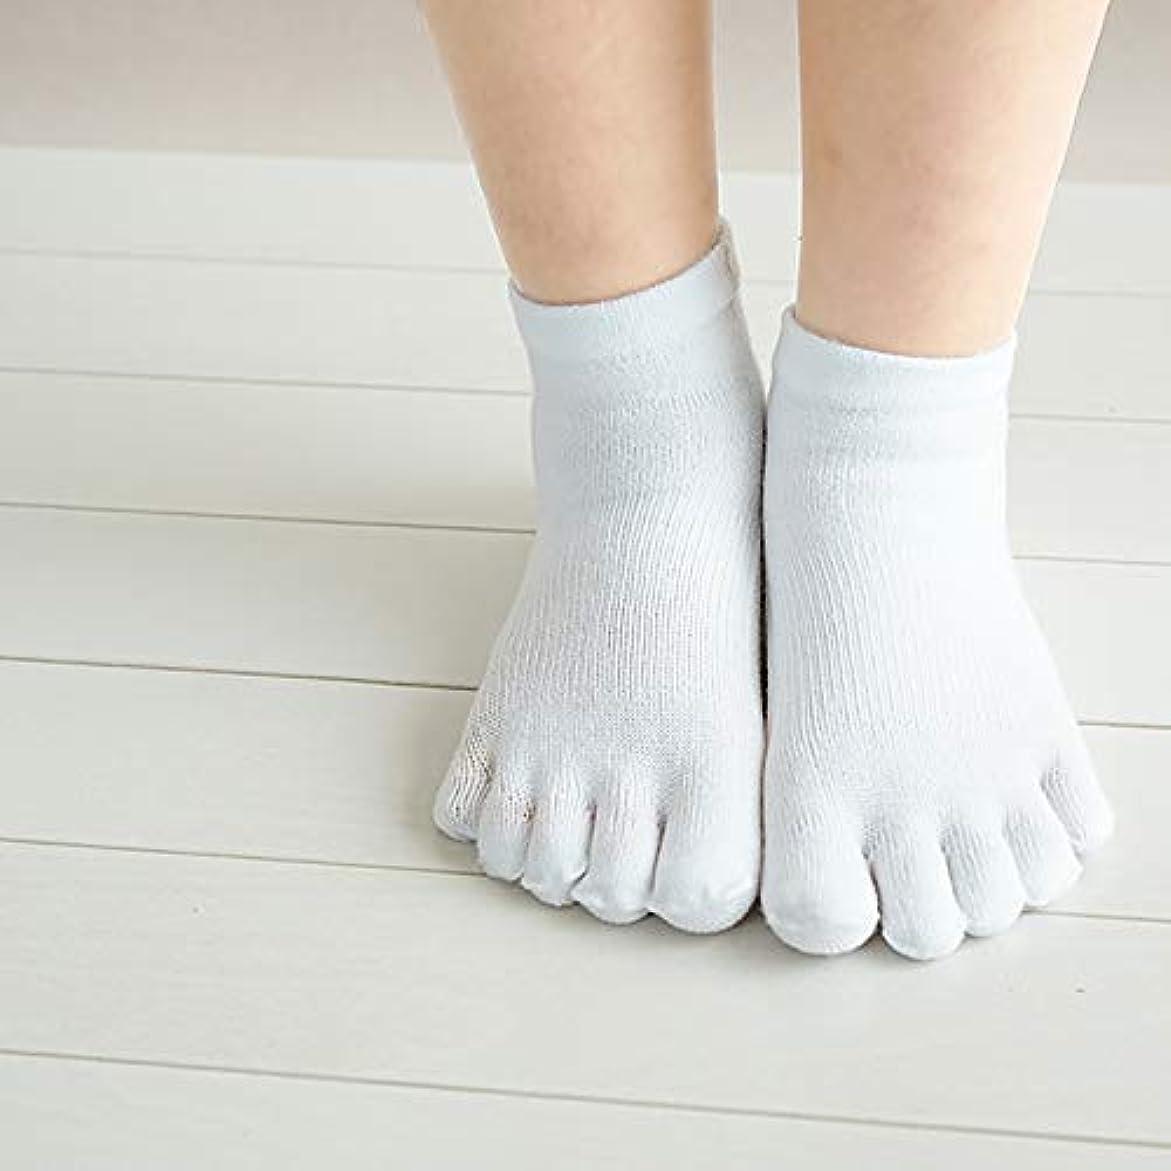 補正シニス重要なゆびのばソックス Neo アズキッズ ホワイト 幼児用靴下 5本指ソックス